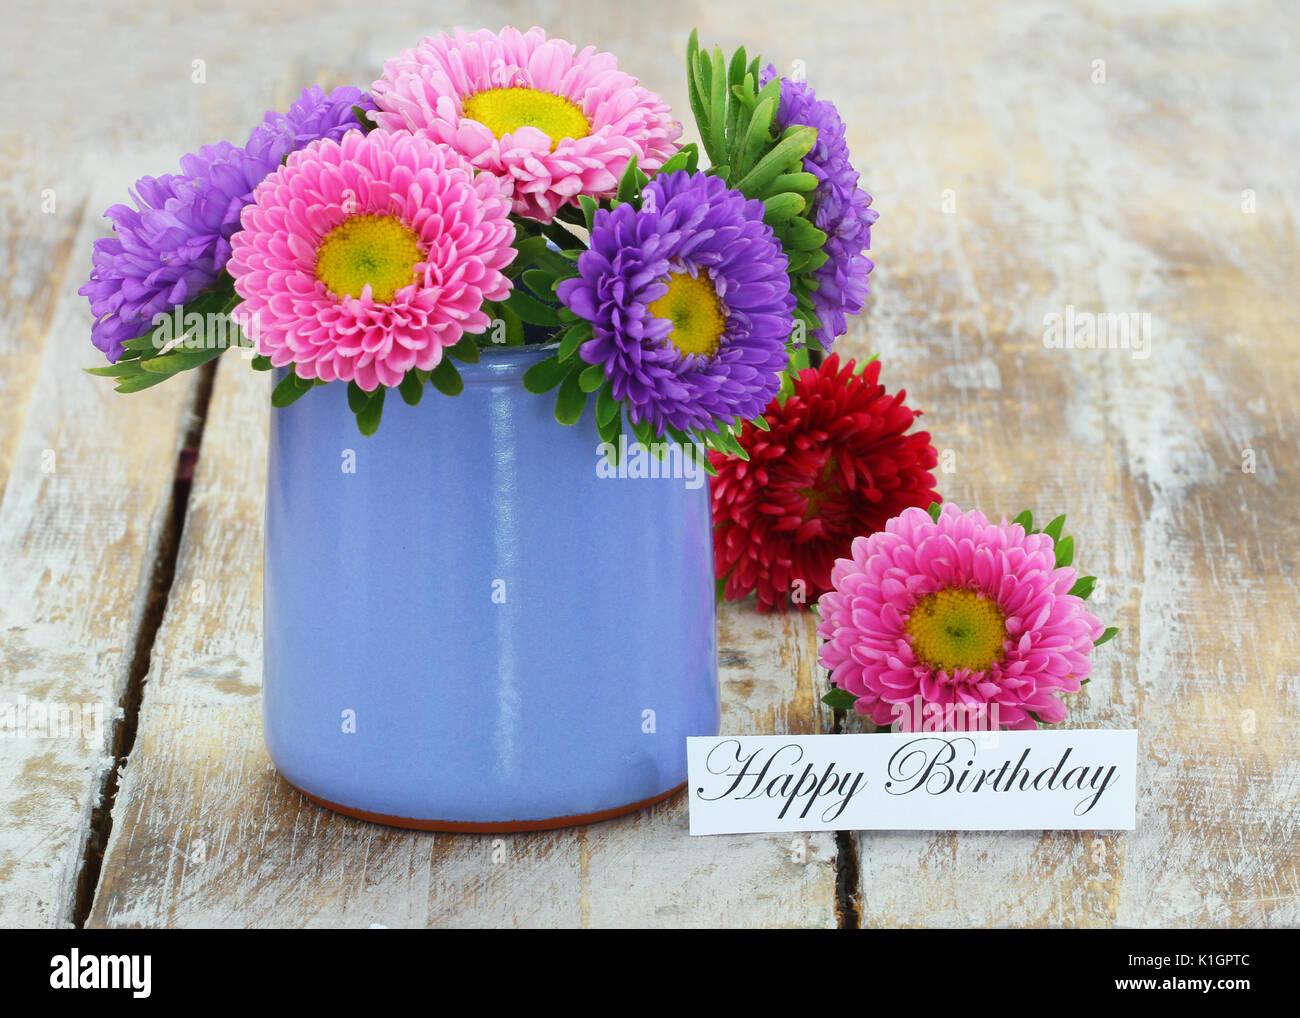 Joyeux Anniversaire Carte Avec Fleurs Daisy Colorés En Bleu